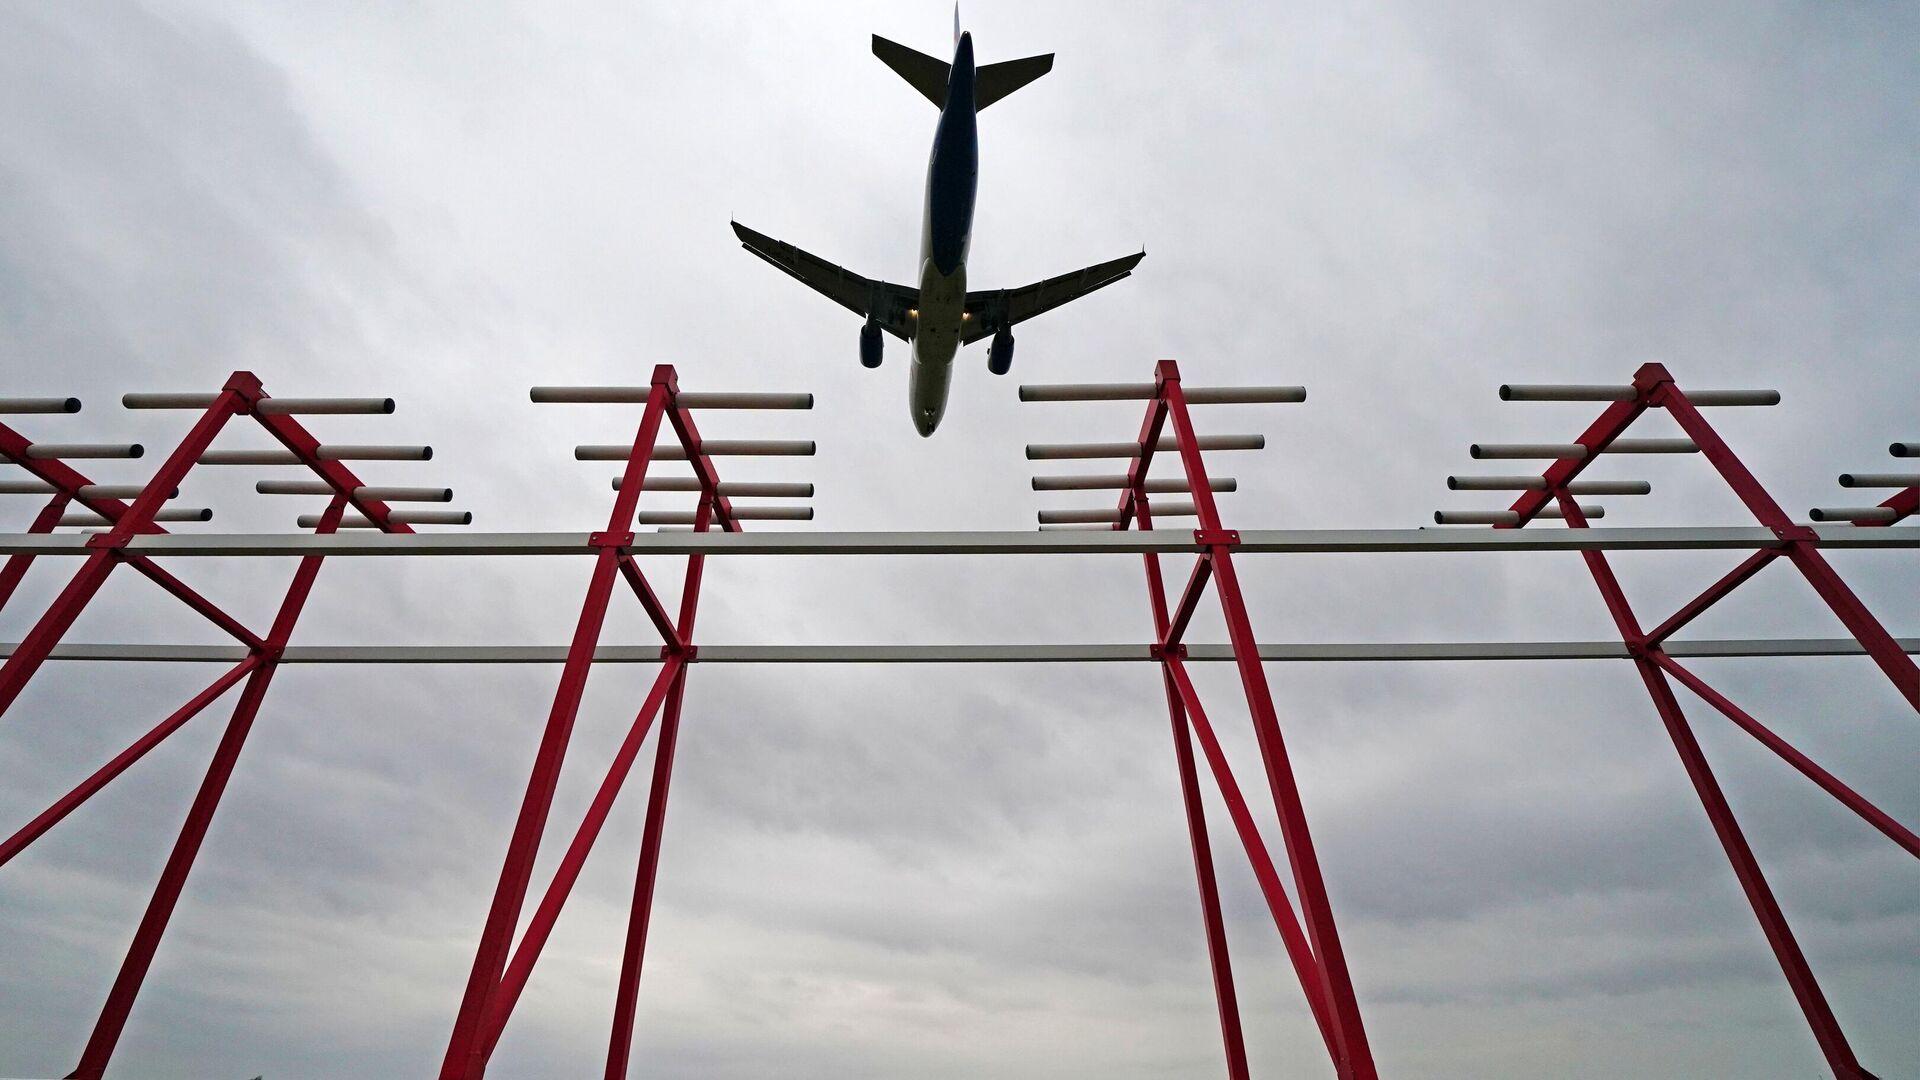 Самолет пролетает над курсовым радиомаяком системы посадки в аэропорту - РИА Новости, 1920, 12.01.2021